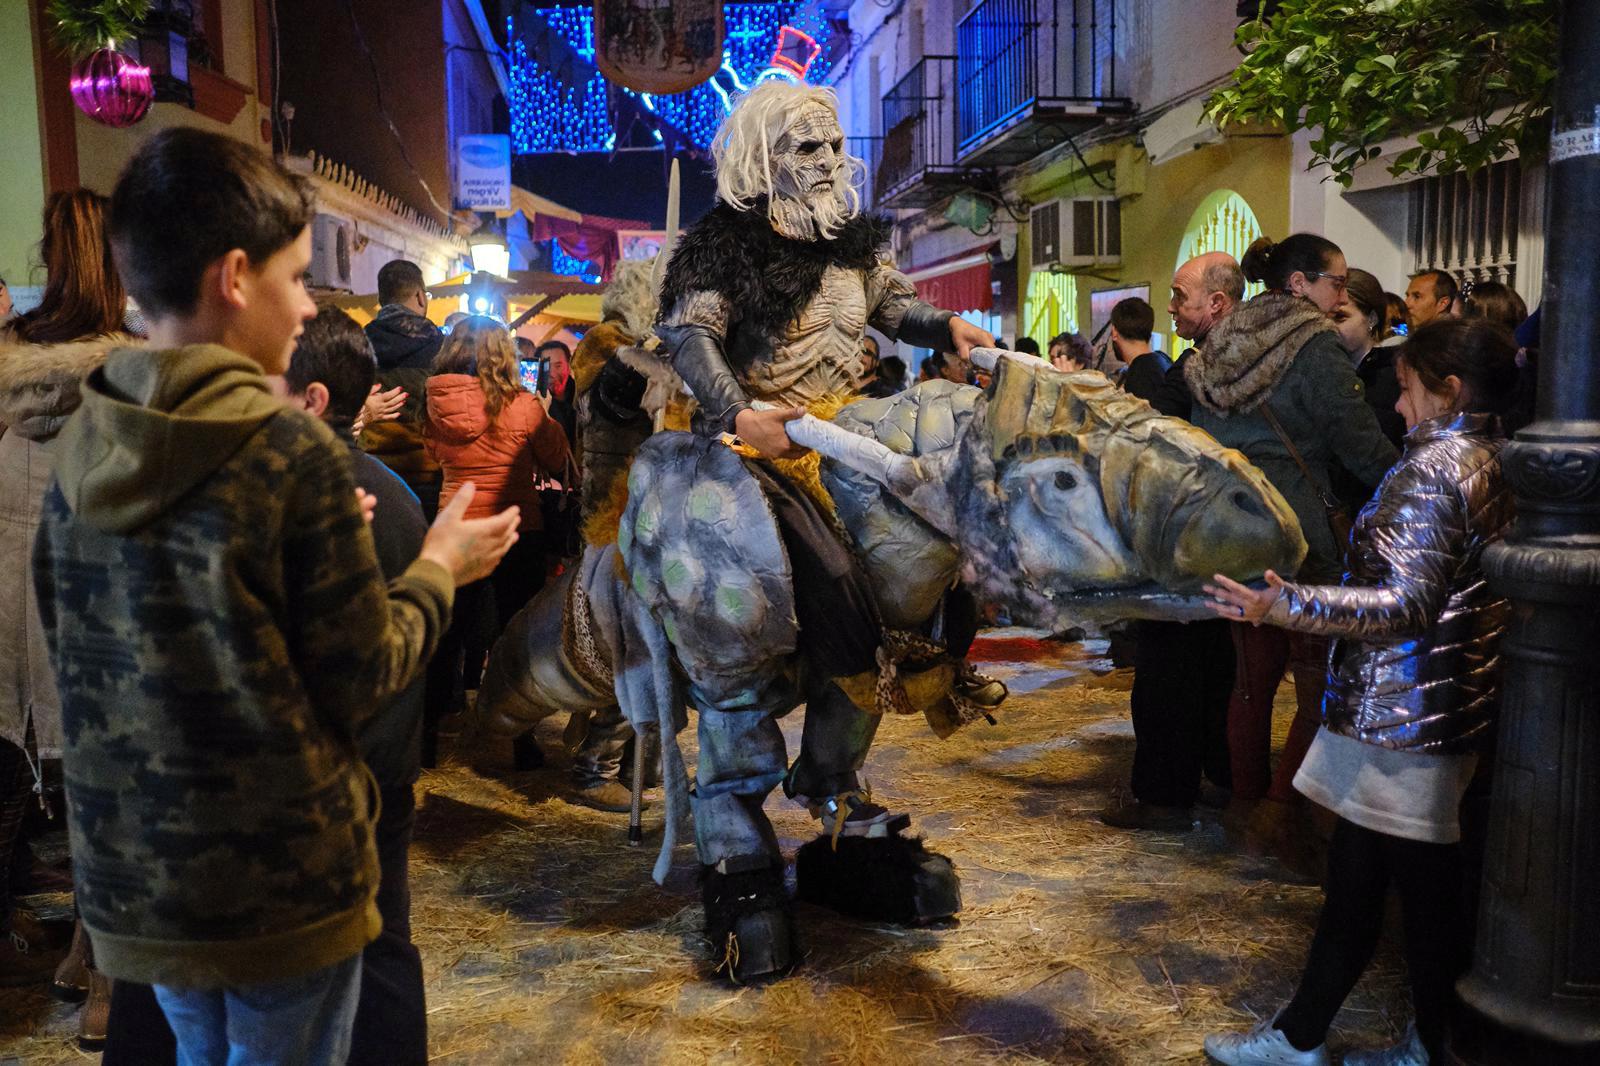 Gines se llena de fantasía, magia e ilusión en su XIII Mercado Medieval y Navideño